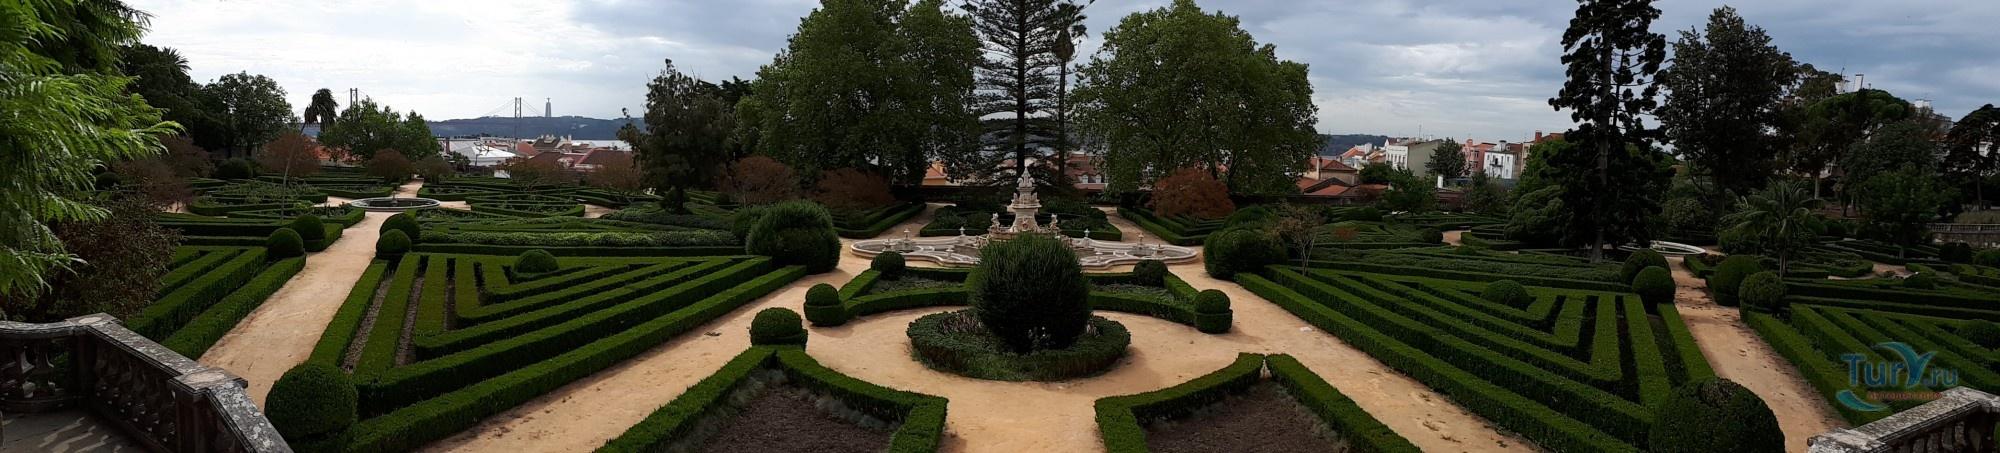 Ботанический Сад Лиссабона | 453x2000